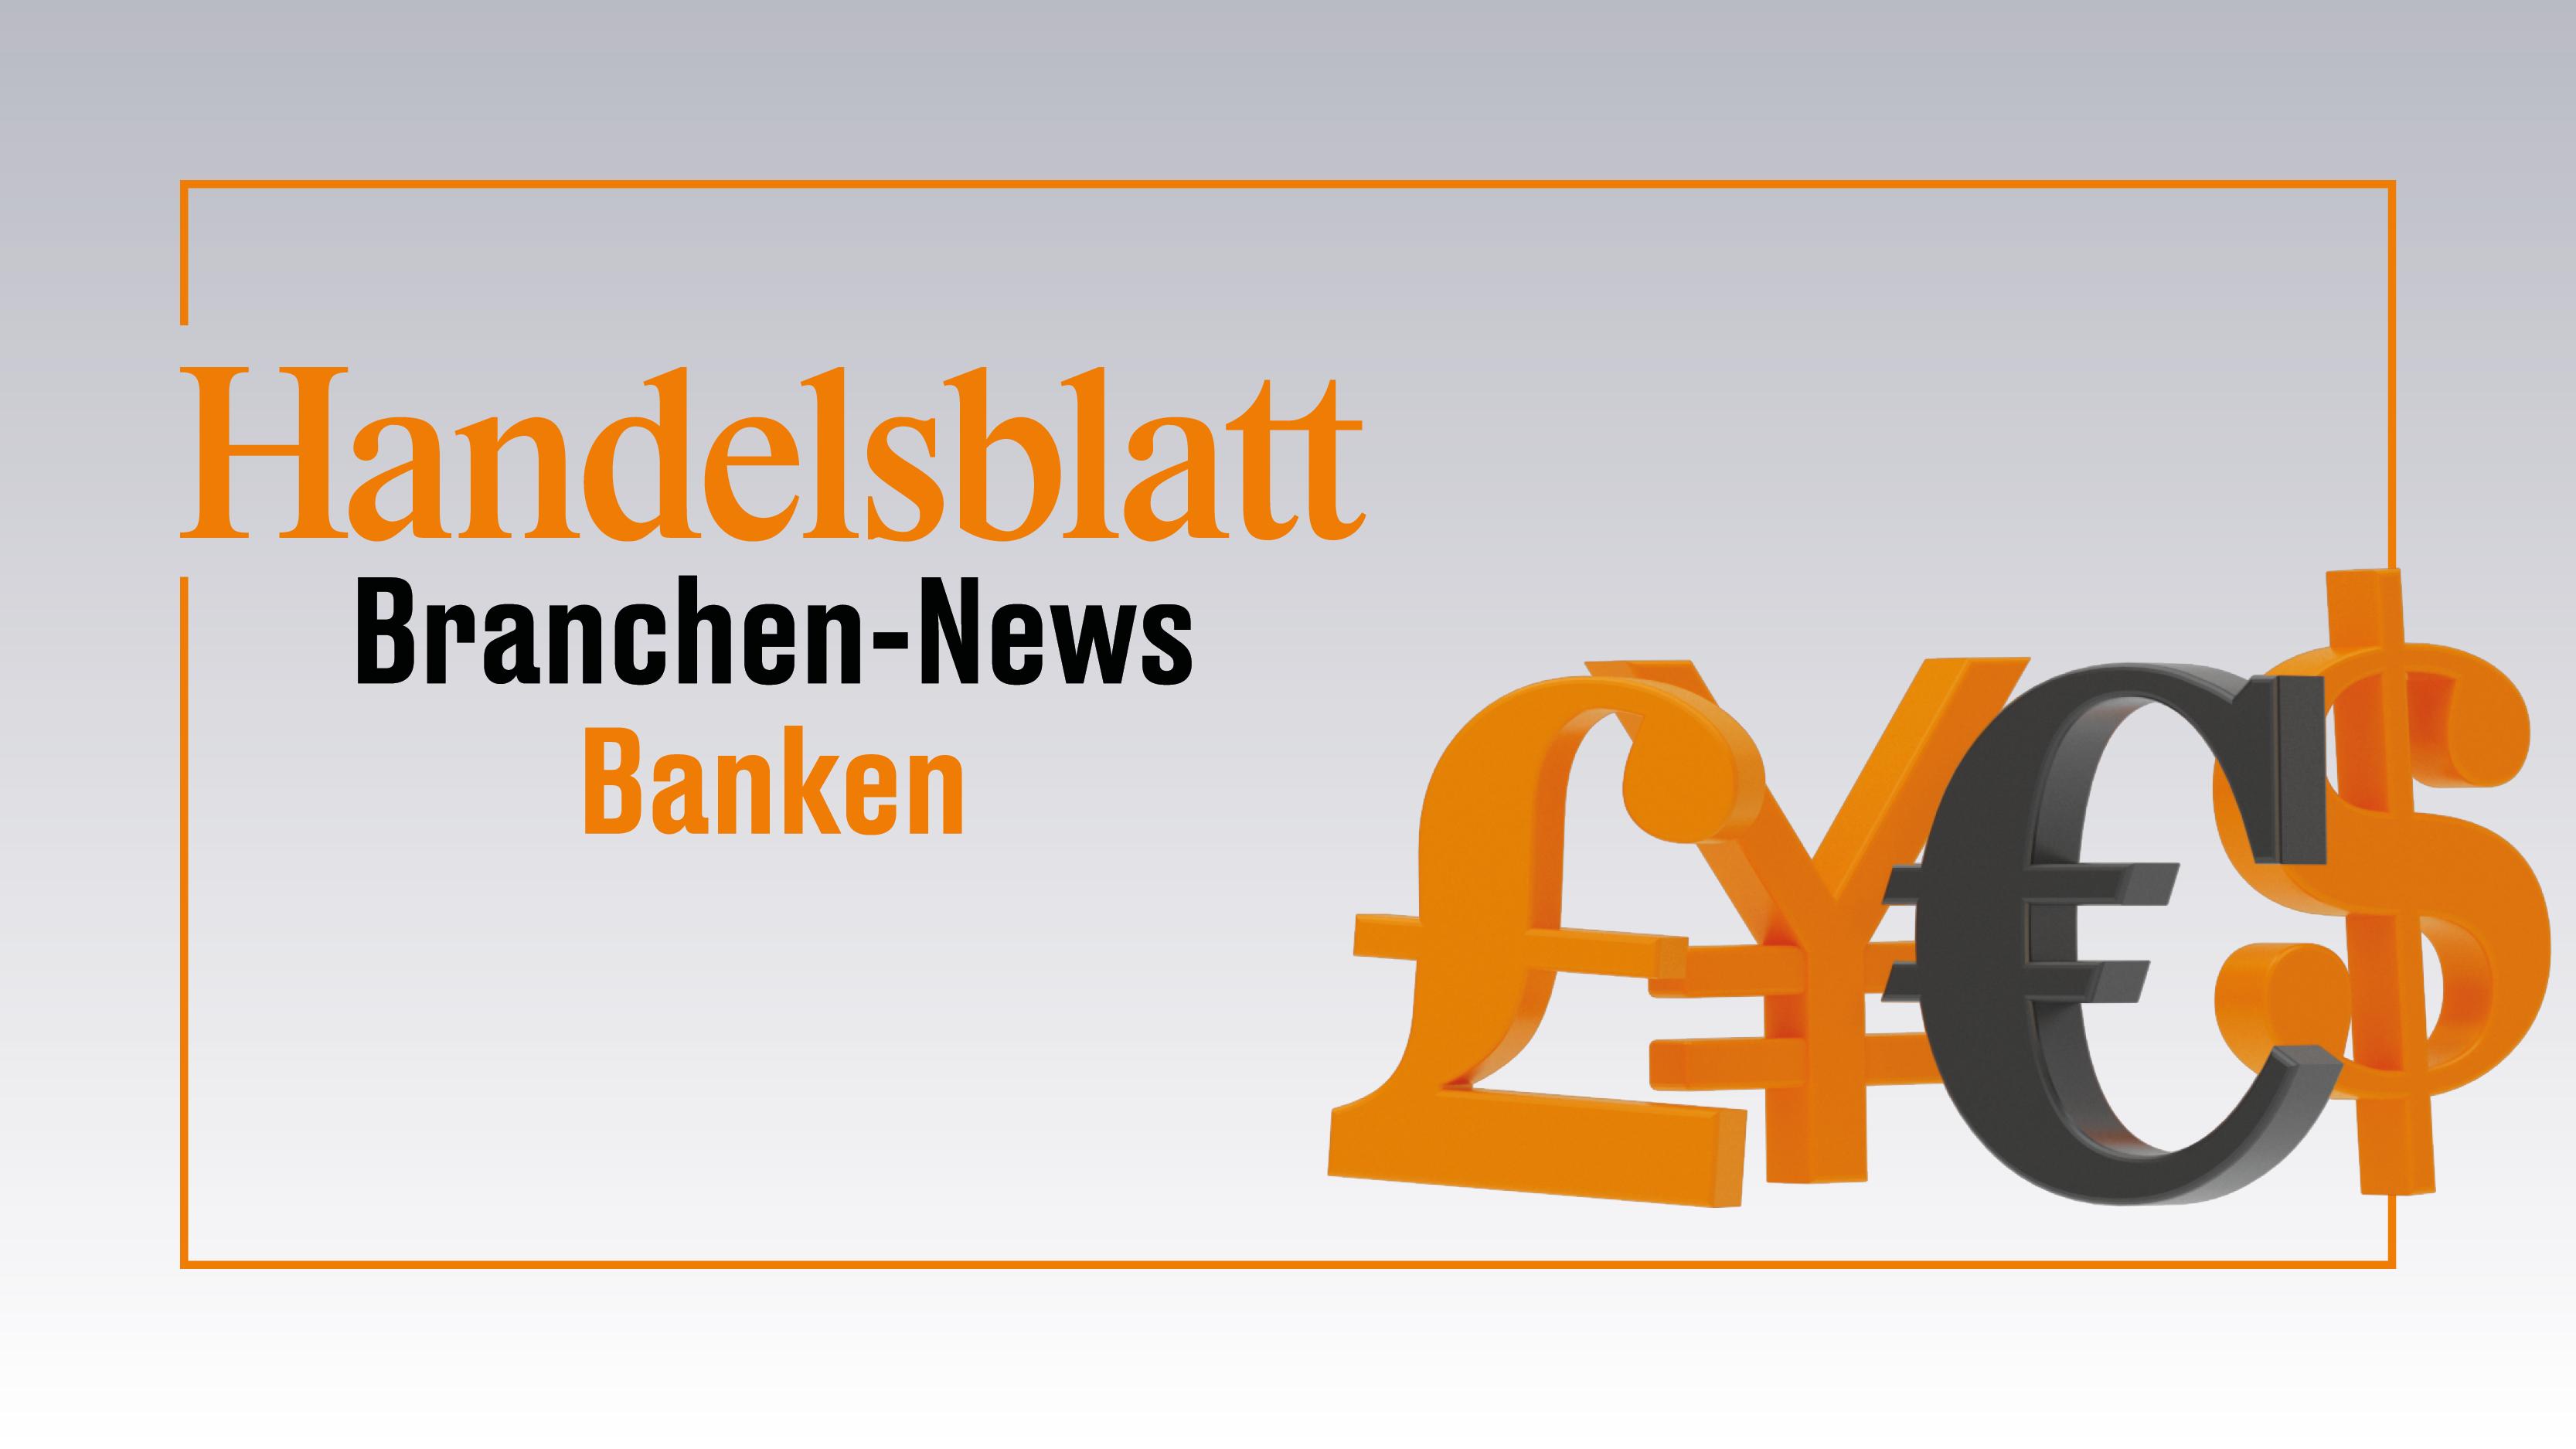 Handelsblatt Branchen-News: Banken